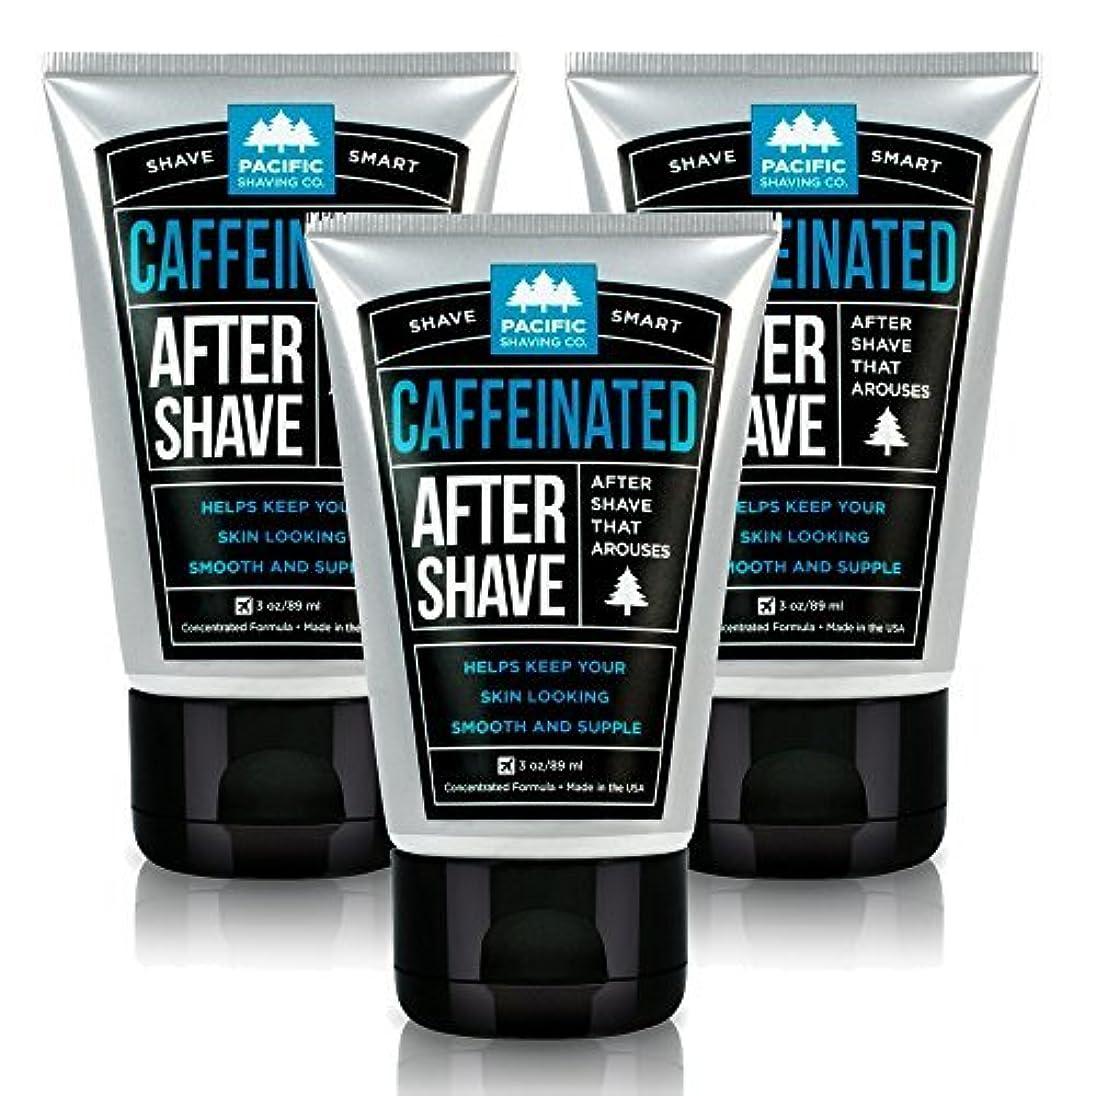 シャトル再生的信頼できるPacific Shaving Company Caffeinated Aftershave 3 Pack [並行輸入品]